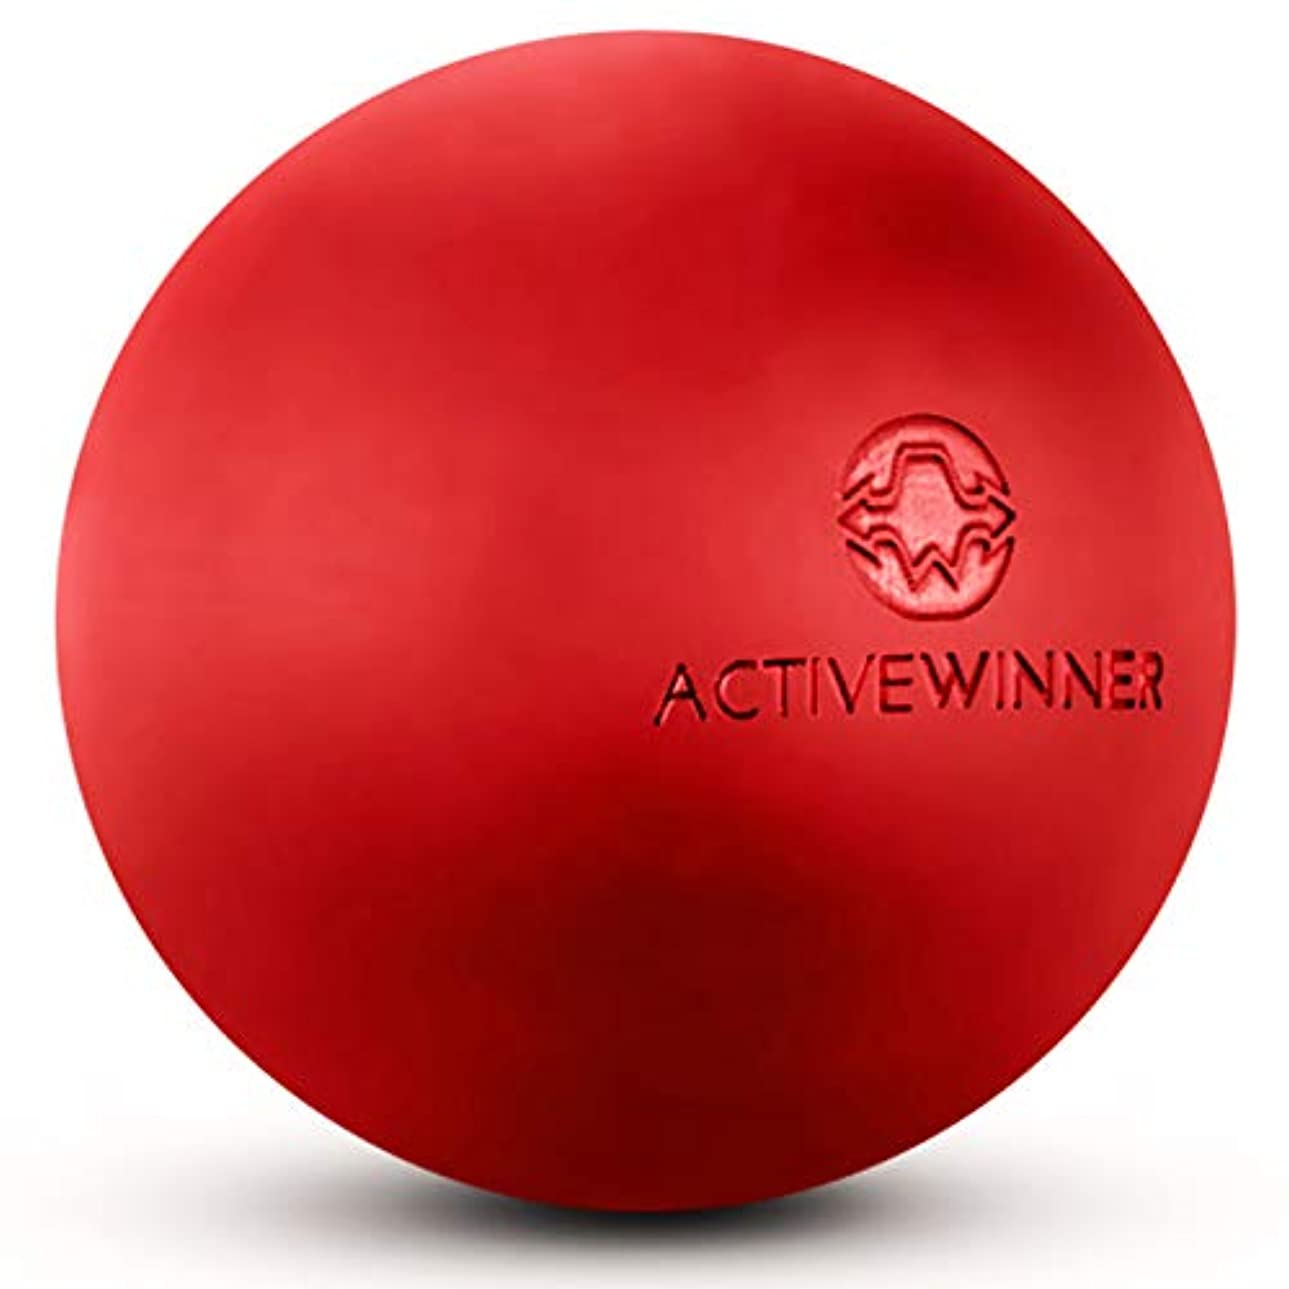 レイプ同時Active Winner マッサージボール トリガーポイント (レッド) ストレッチボール 筋膜リリース トレーニング 背中 肩こり 腰 ふくらはぎ 足 ツボ押し